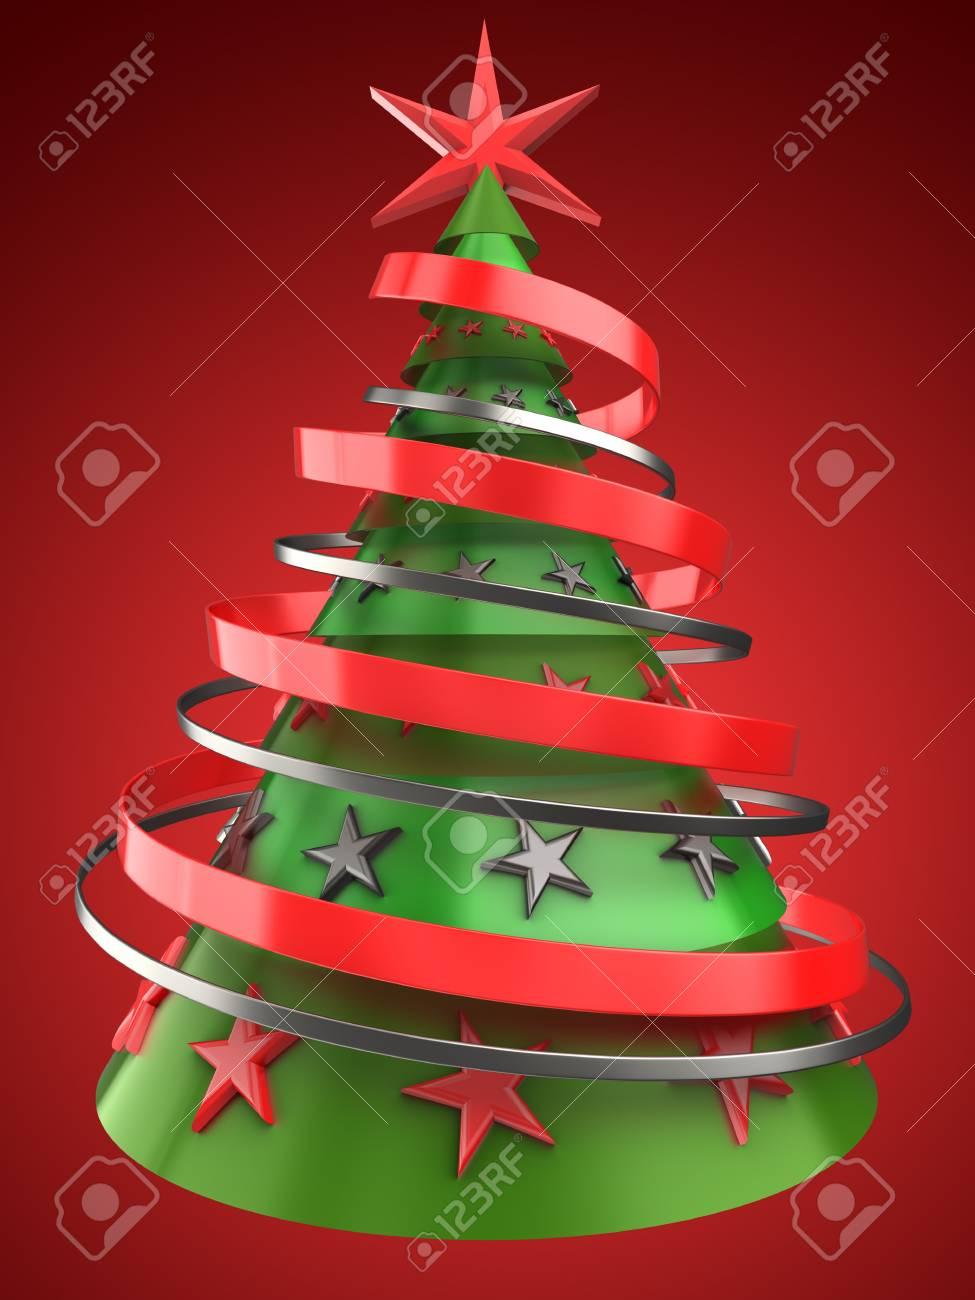 Immagini Dell Albero Di Natale.Illustrazione 3d Dell Albero Di Natale Sopra Priorita Bassa Rossa Con La Decorazione Delle Stelle